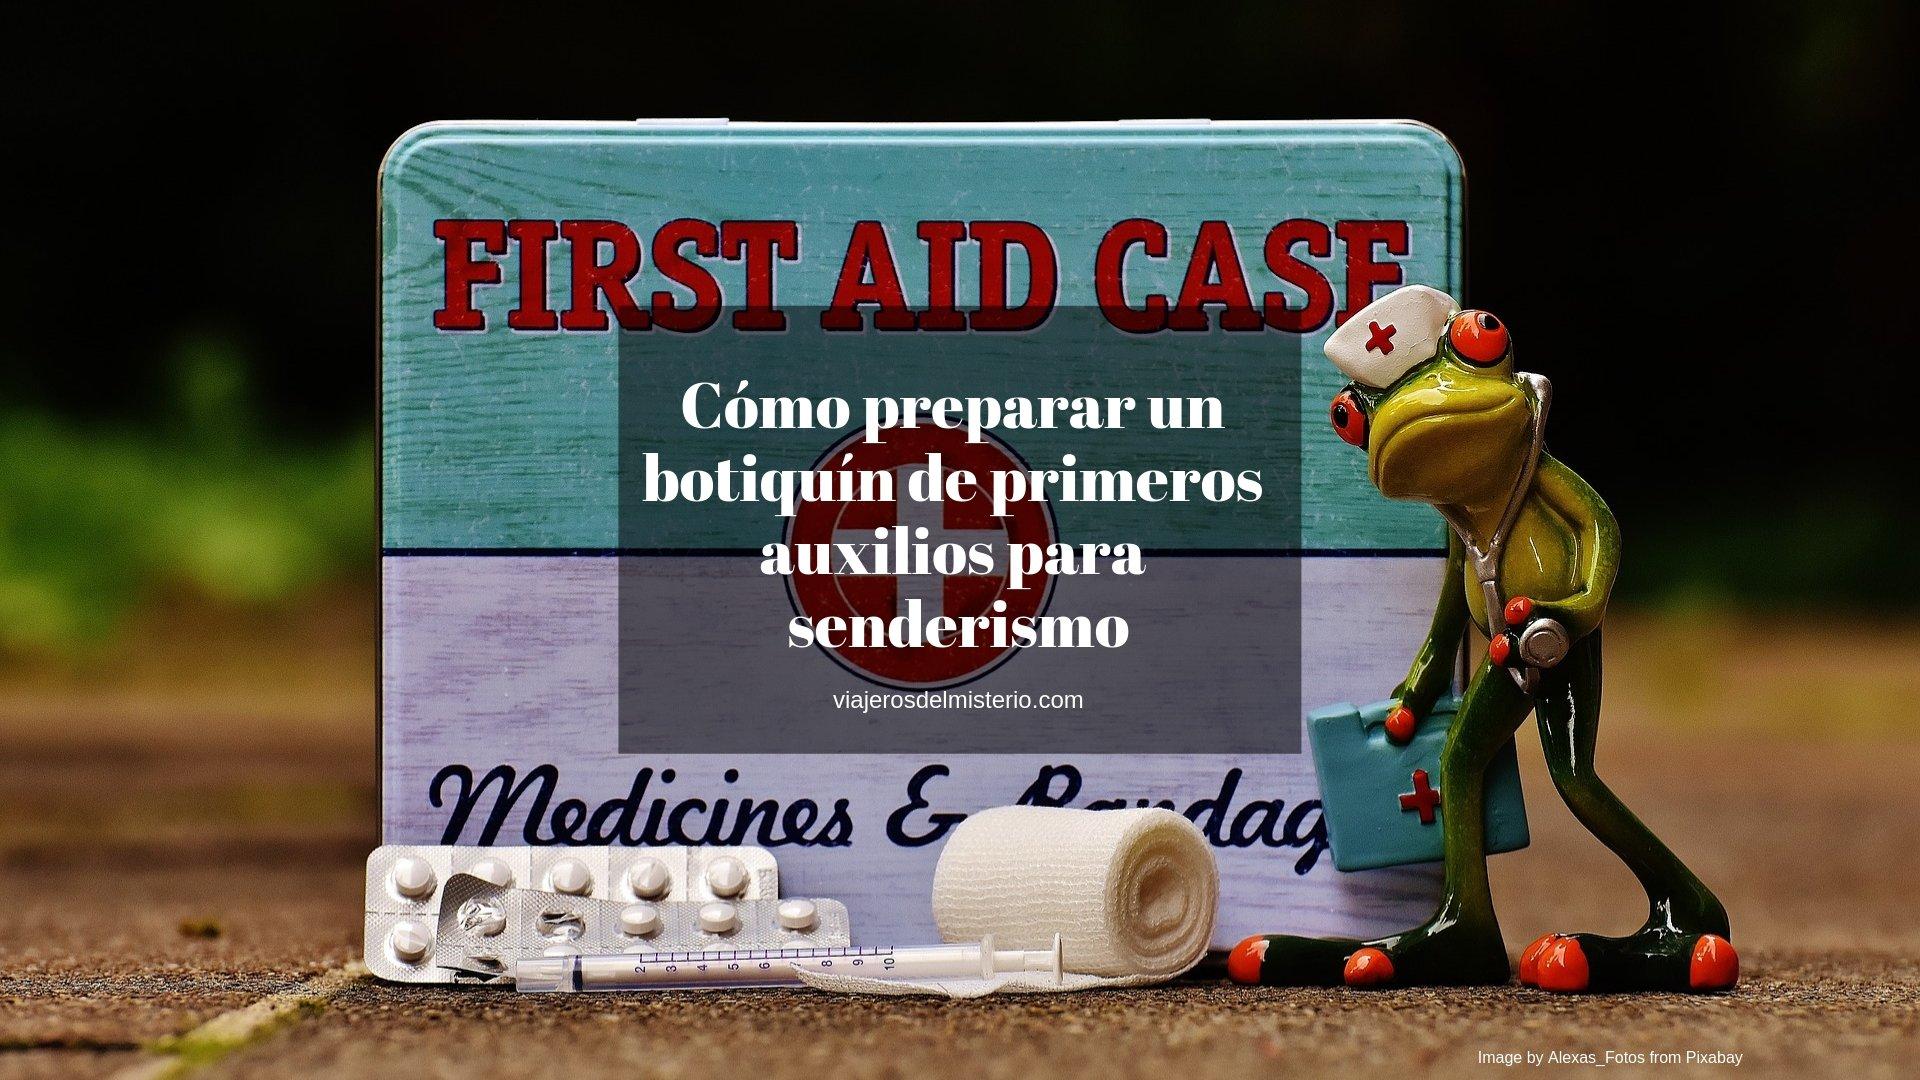 Cómo preparar un botiquín de primeros auxilios para senderismo